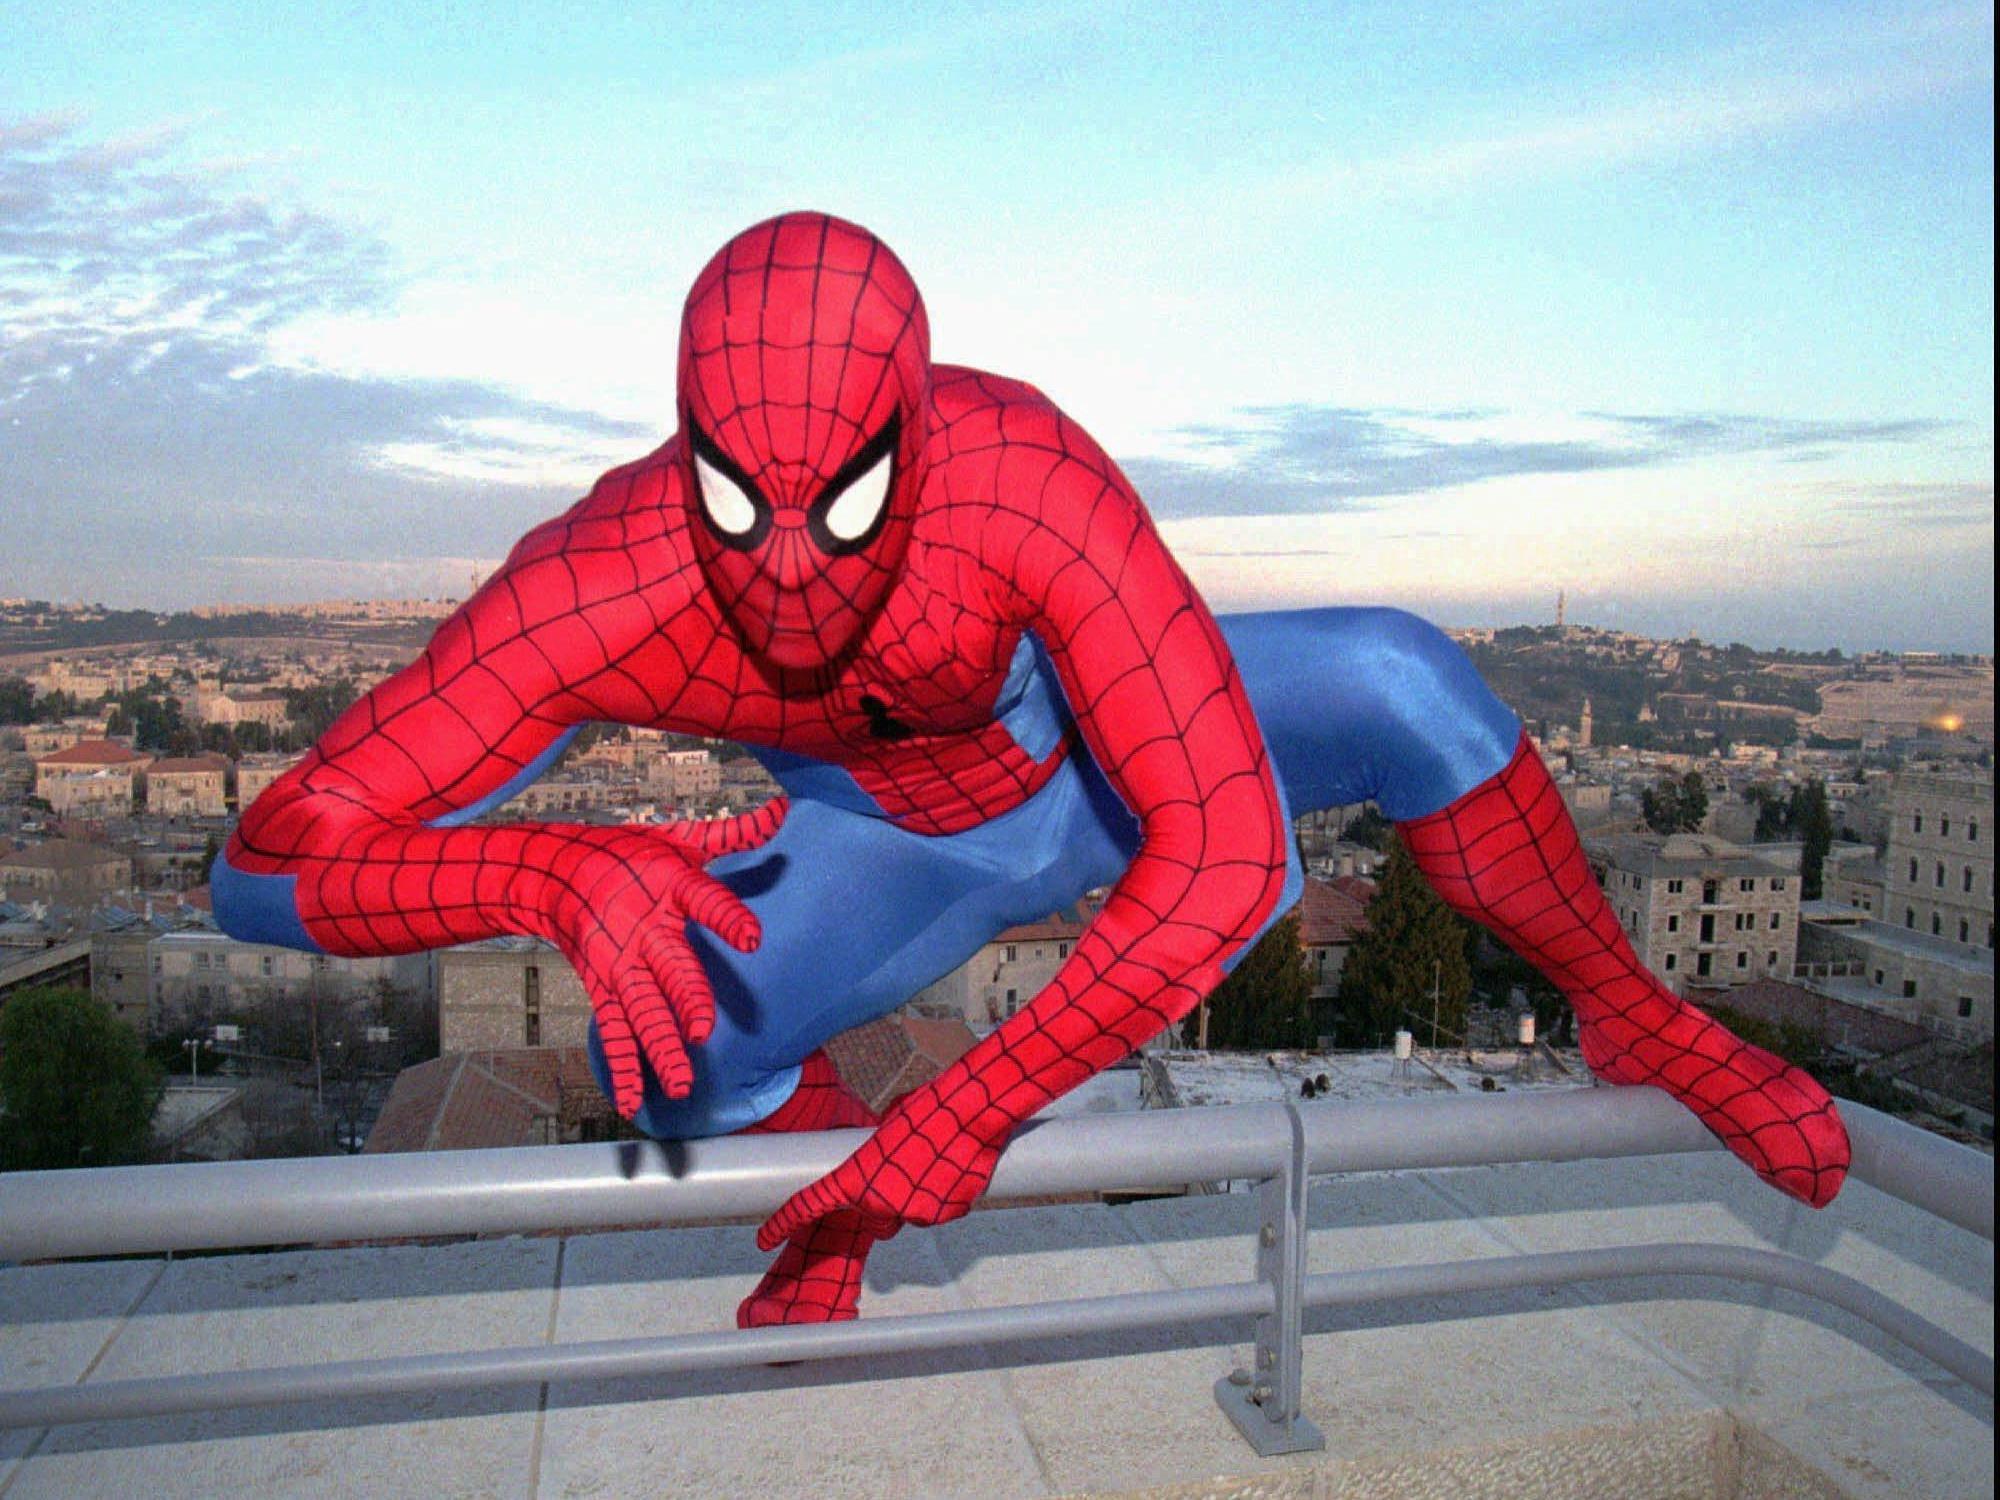 Ab 2016 schwingt Spiderman auch bei Marvel durch die Filme.